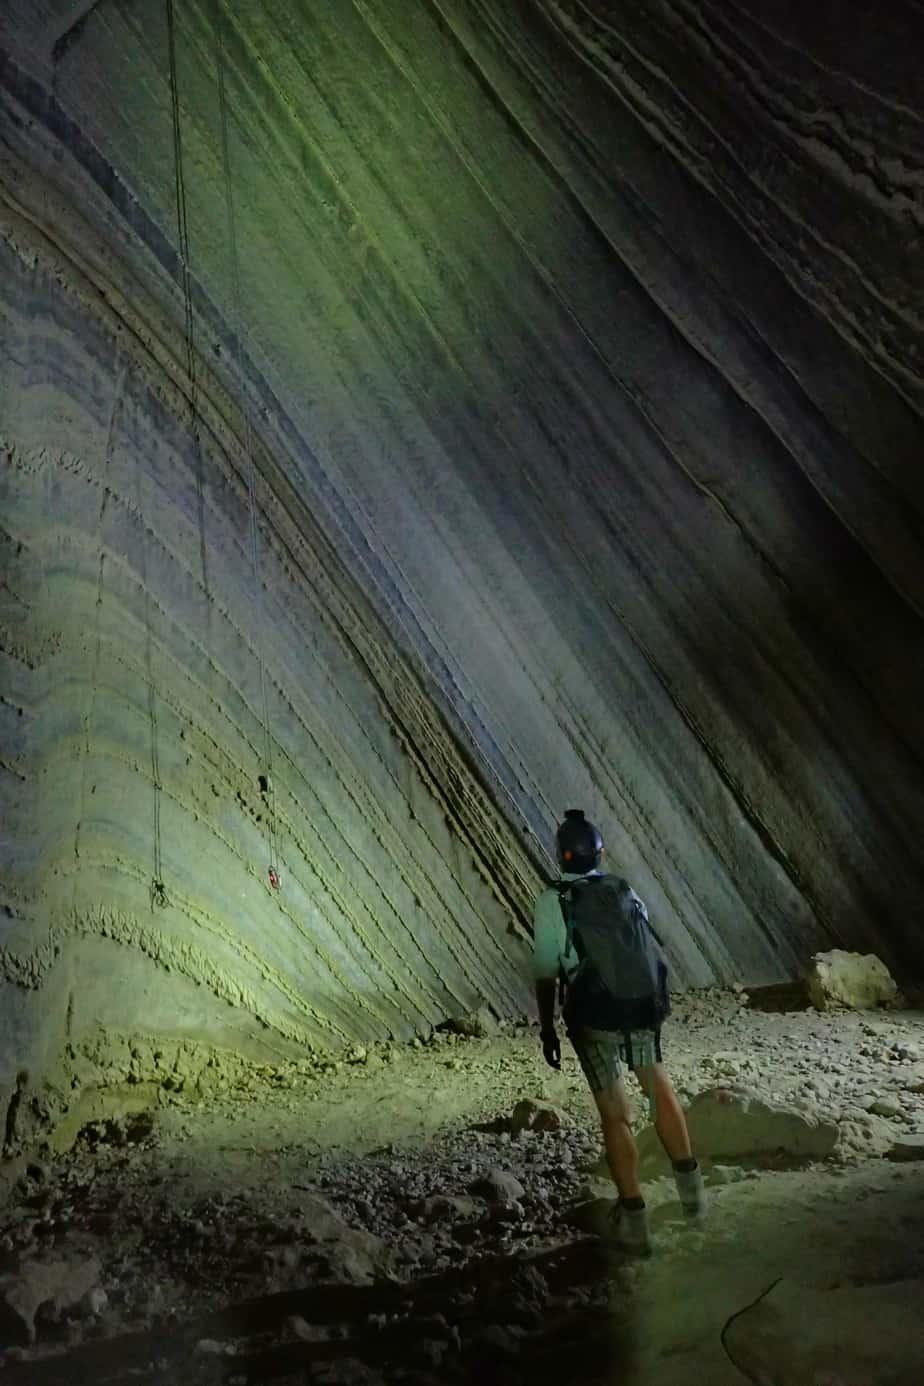 Salt caving in Israel